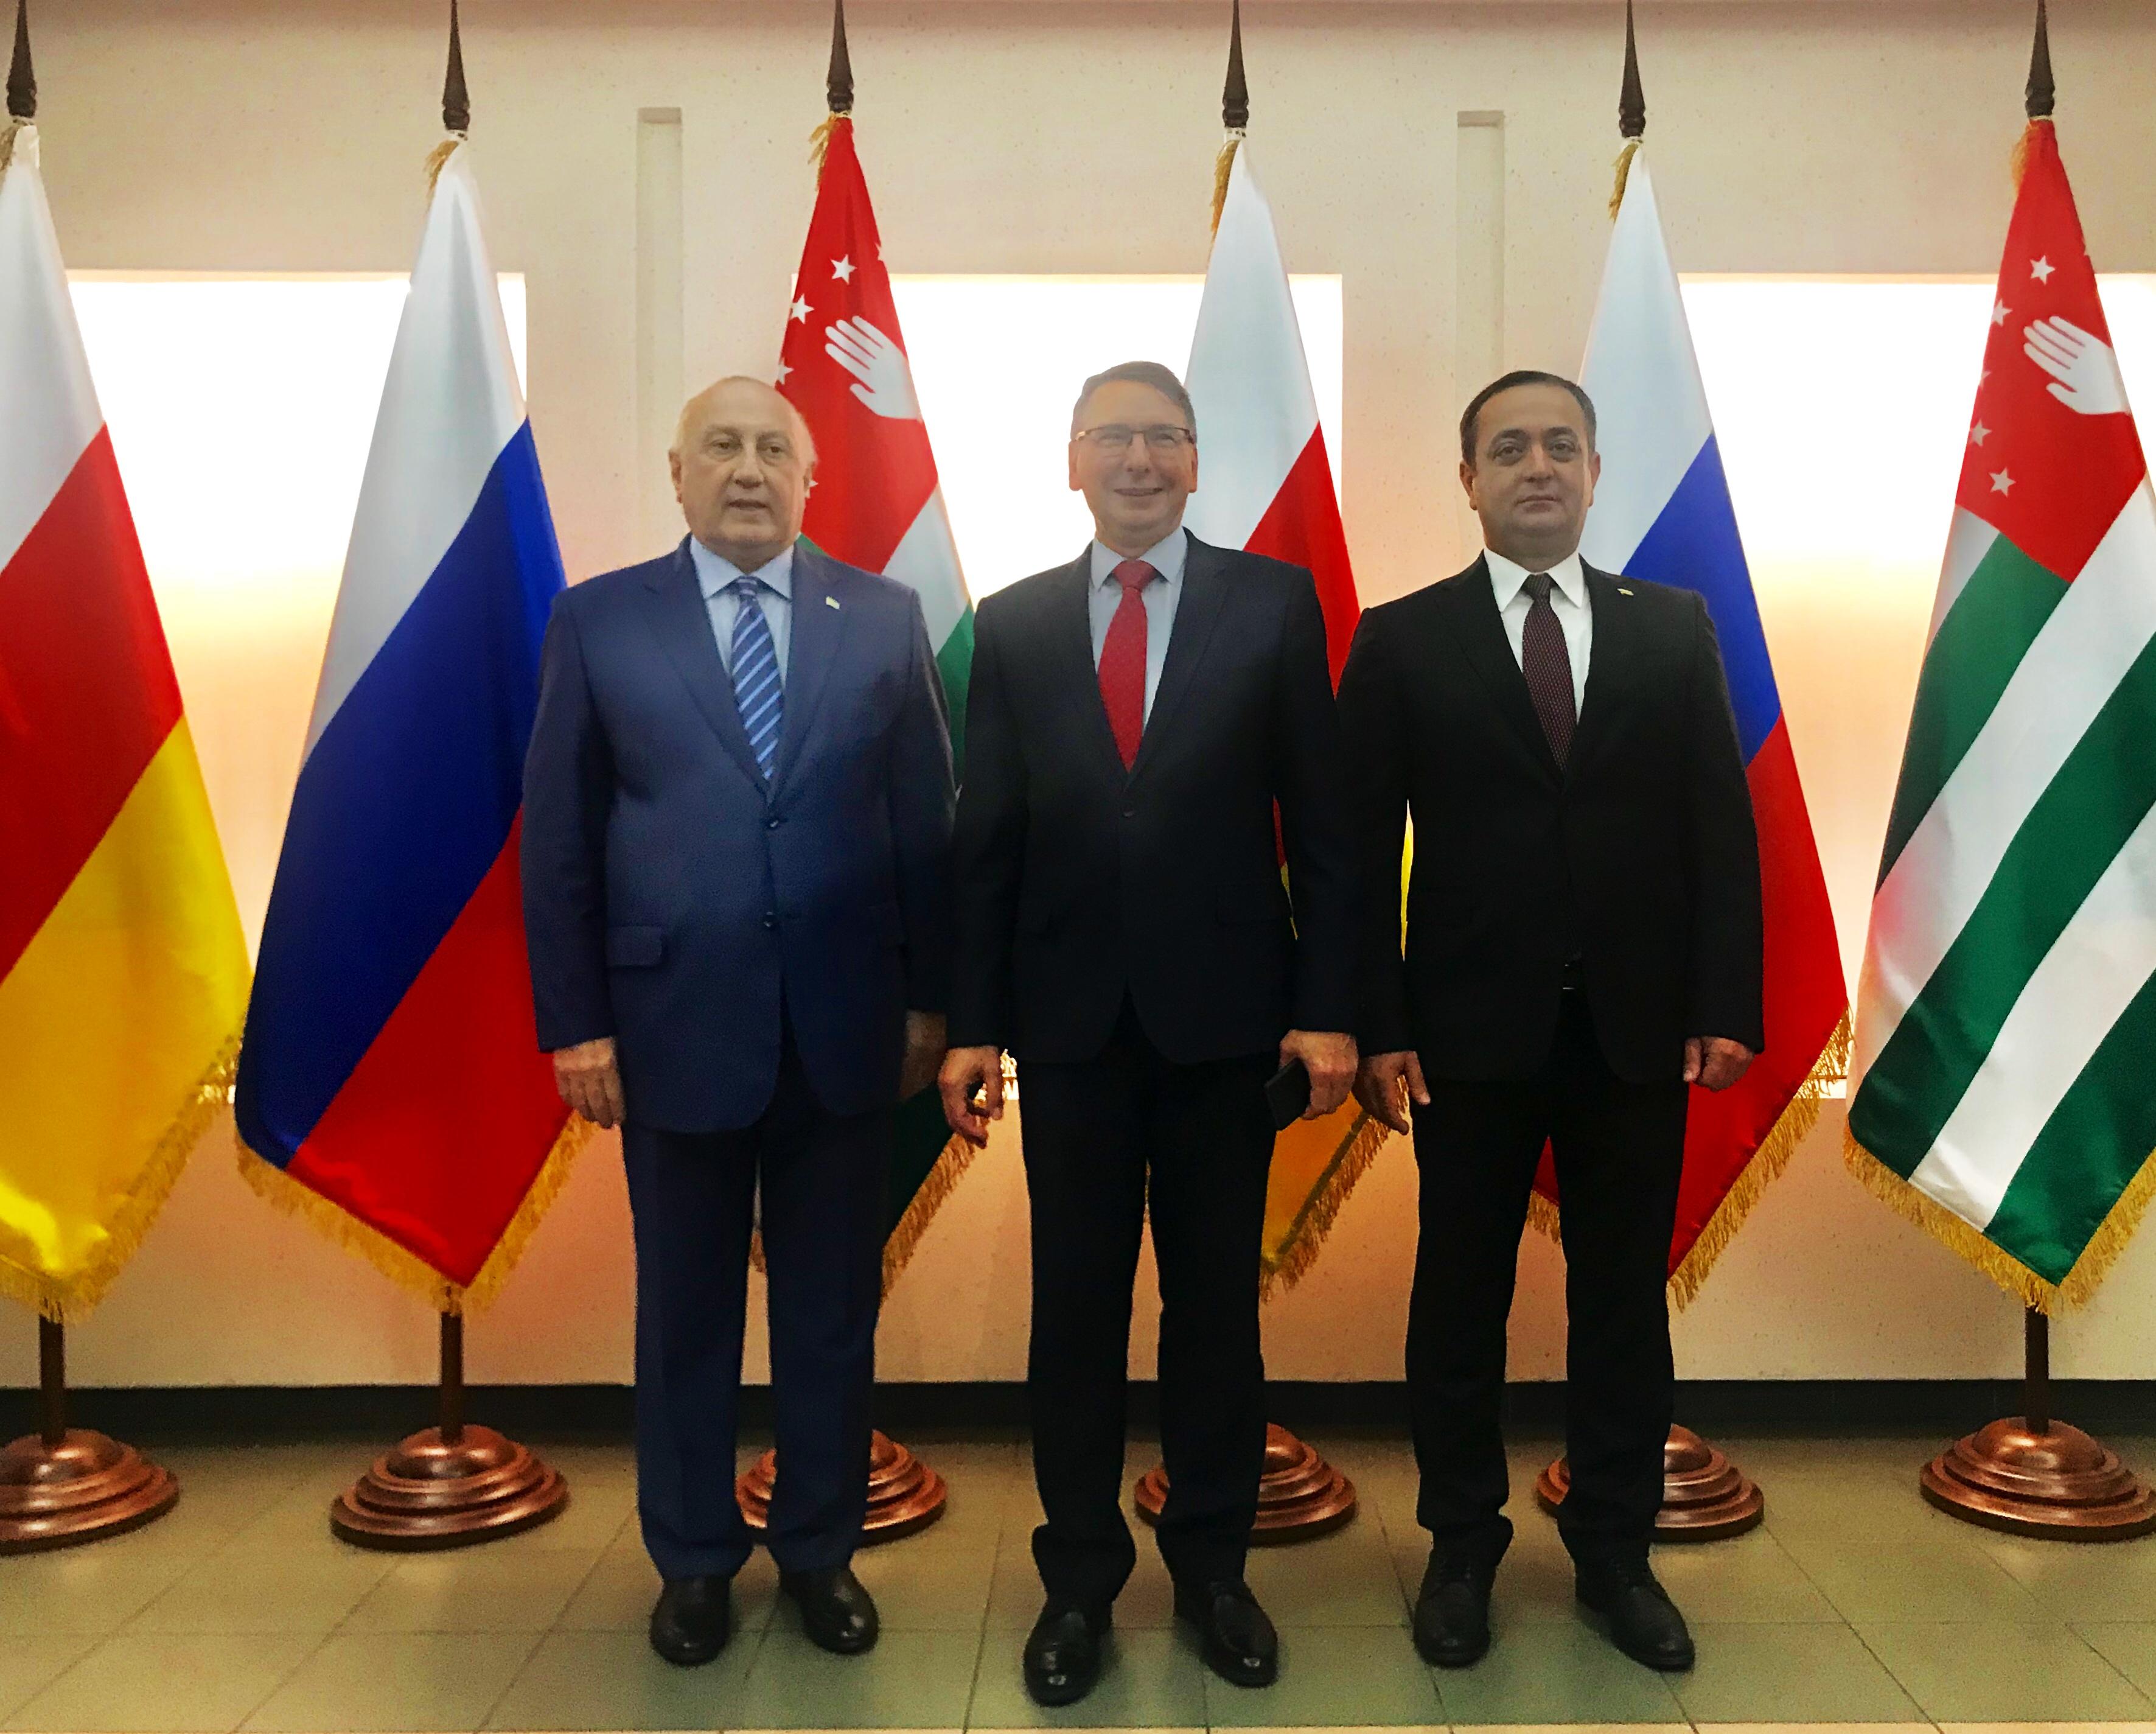 В Москве состоялся  прием по случаю 10-летия признания независимости РЮО и РА  Россией